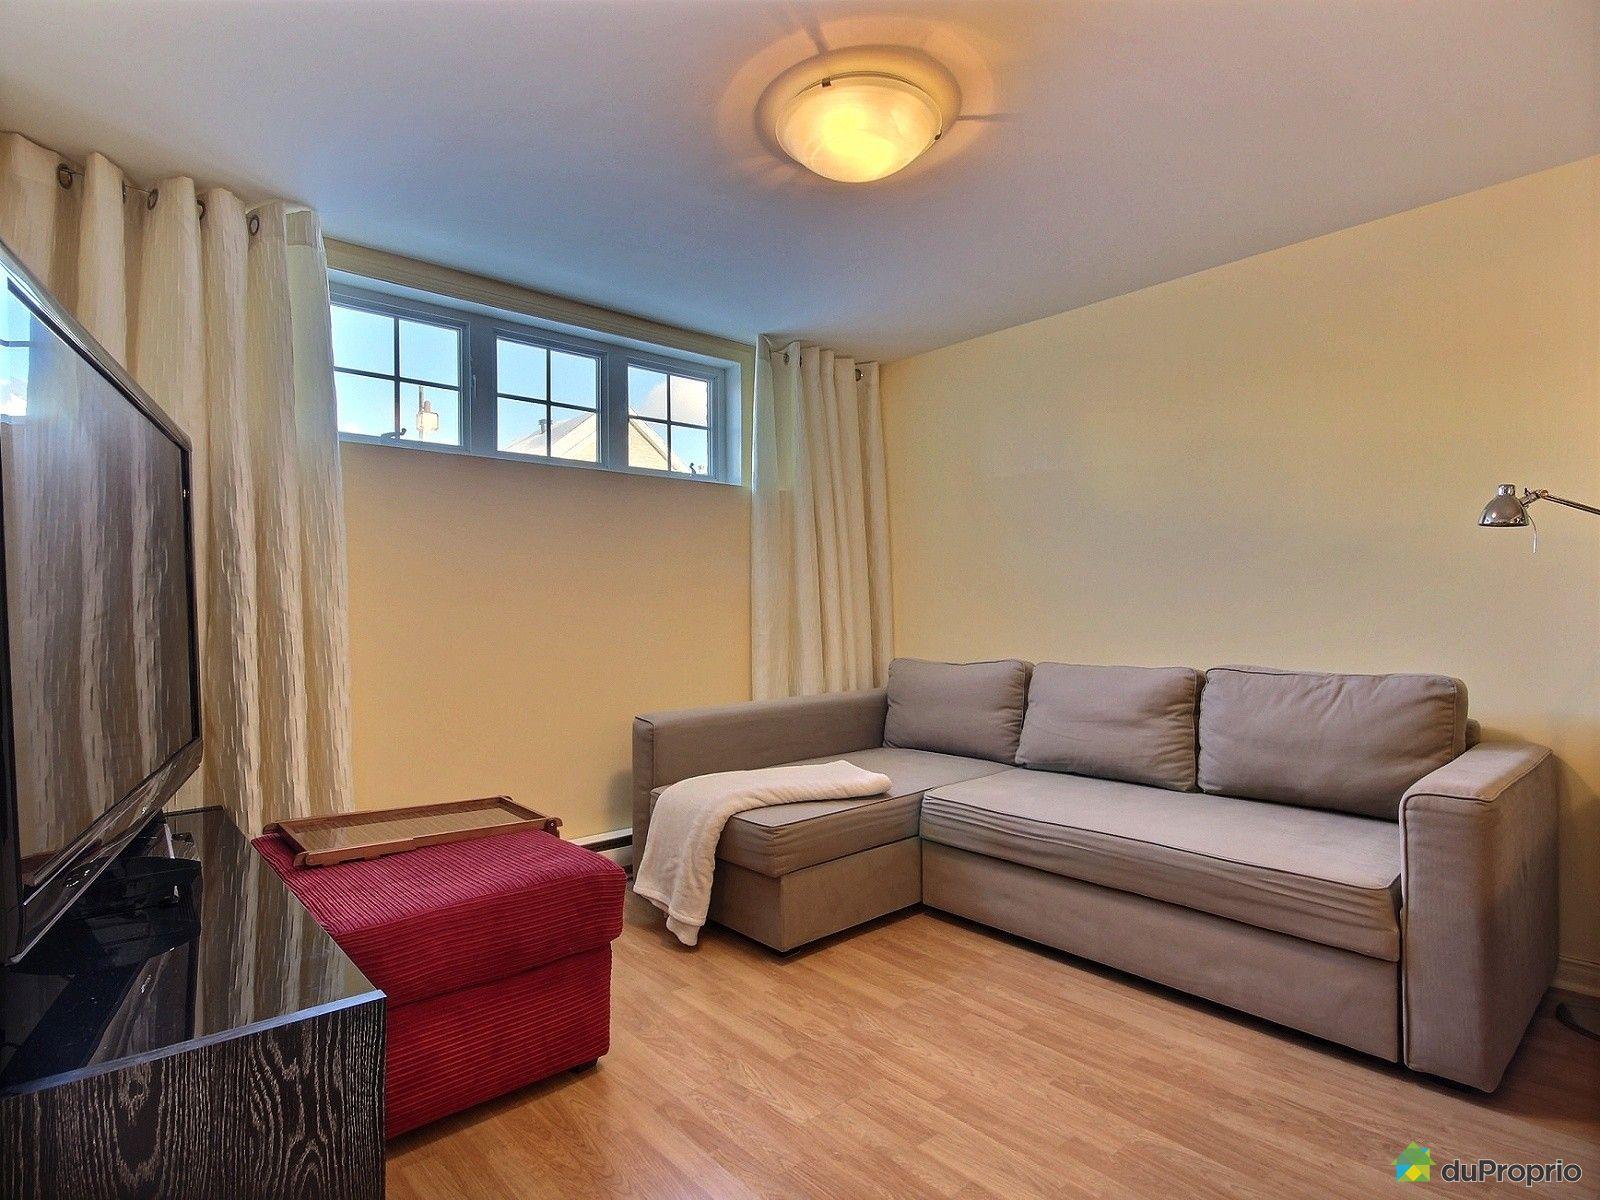 bi g n ration vendu st basile le grand immobilier qu bec duproprio 574114. Black Bedroom Furniture Sets. Home Design Ideas